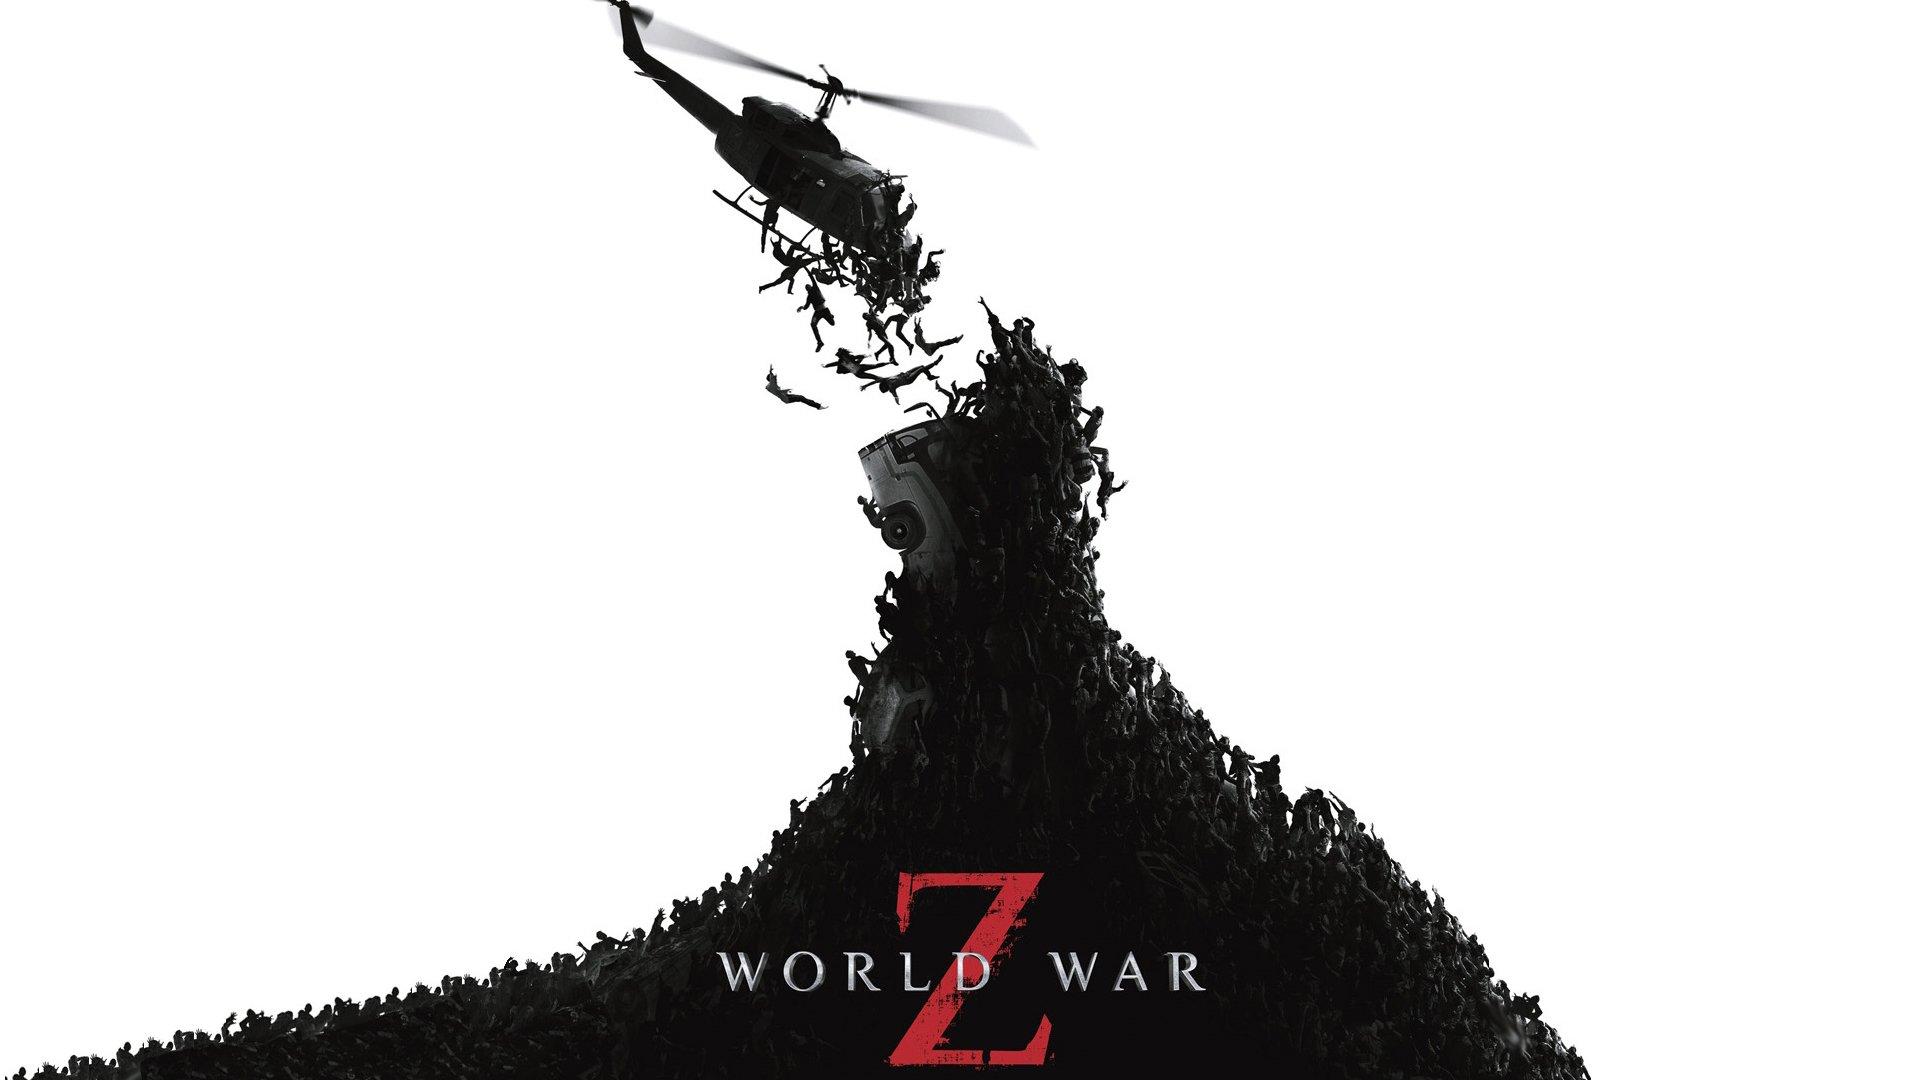 World War Z Wallpaper HD